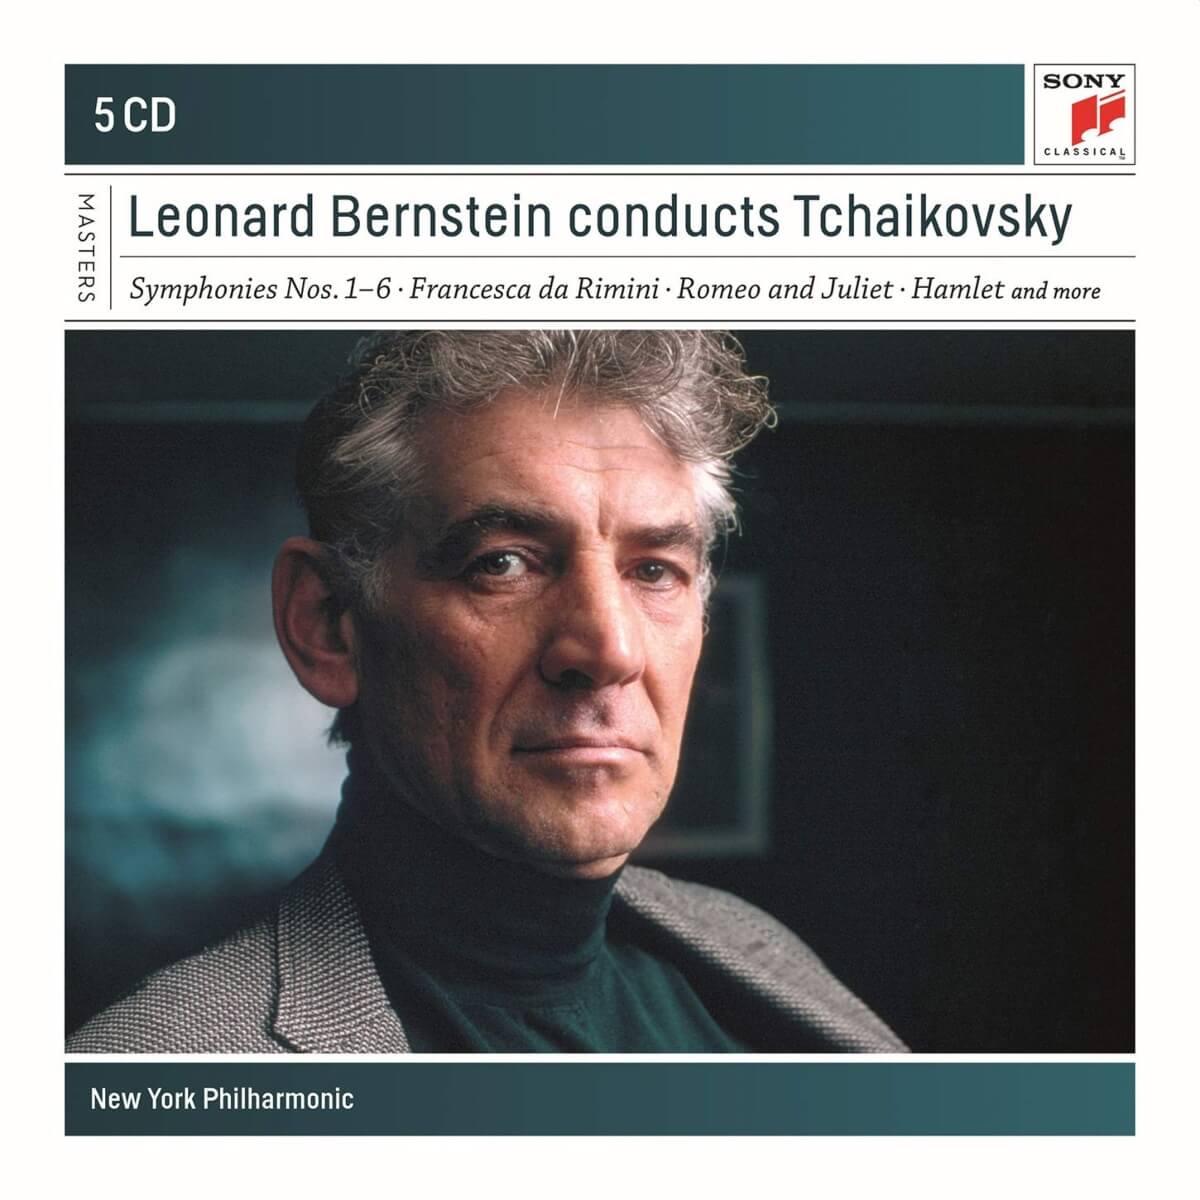 couverture d'un album Sony de symphonies de Tchaikovski avec Bernstein